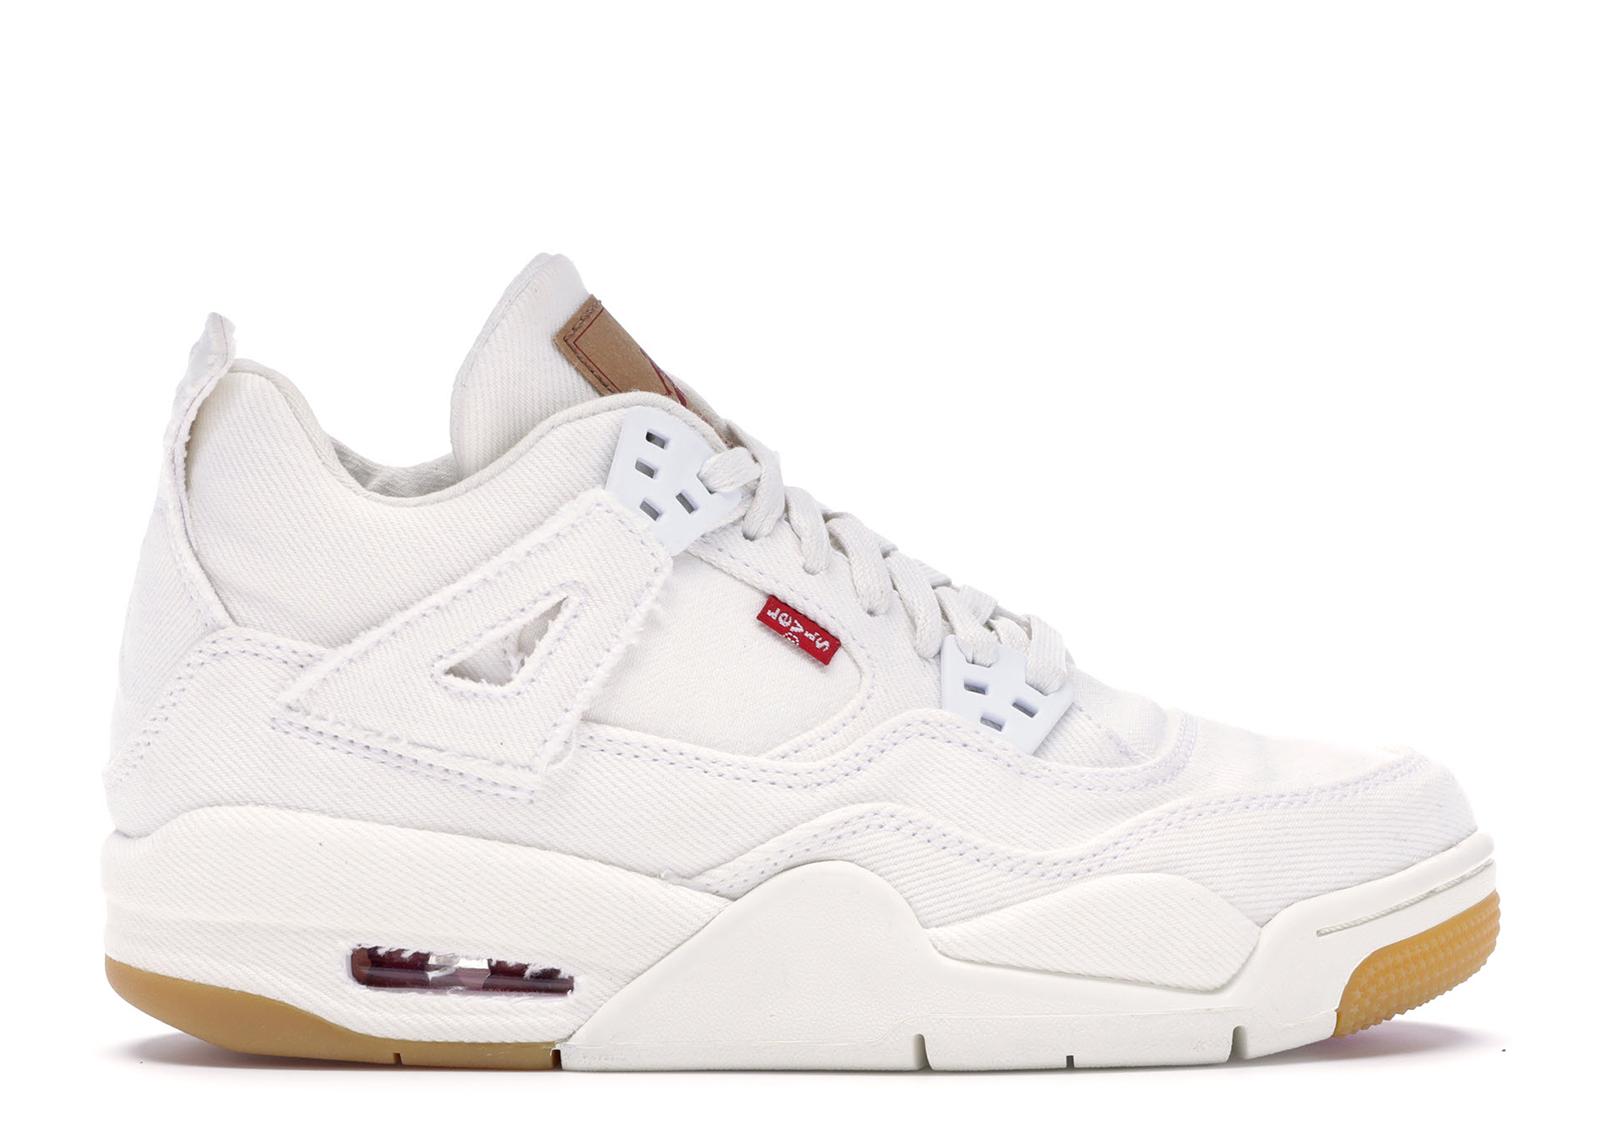 Jordan 4 Retro Levi's White (GS) (Levi